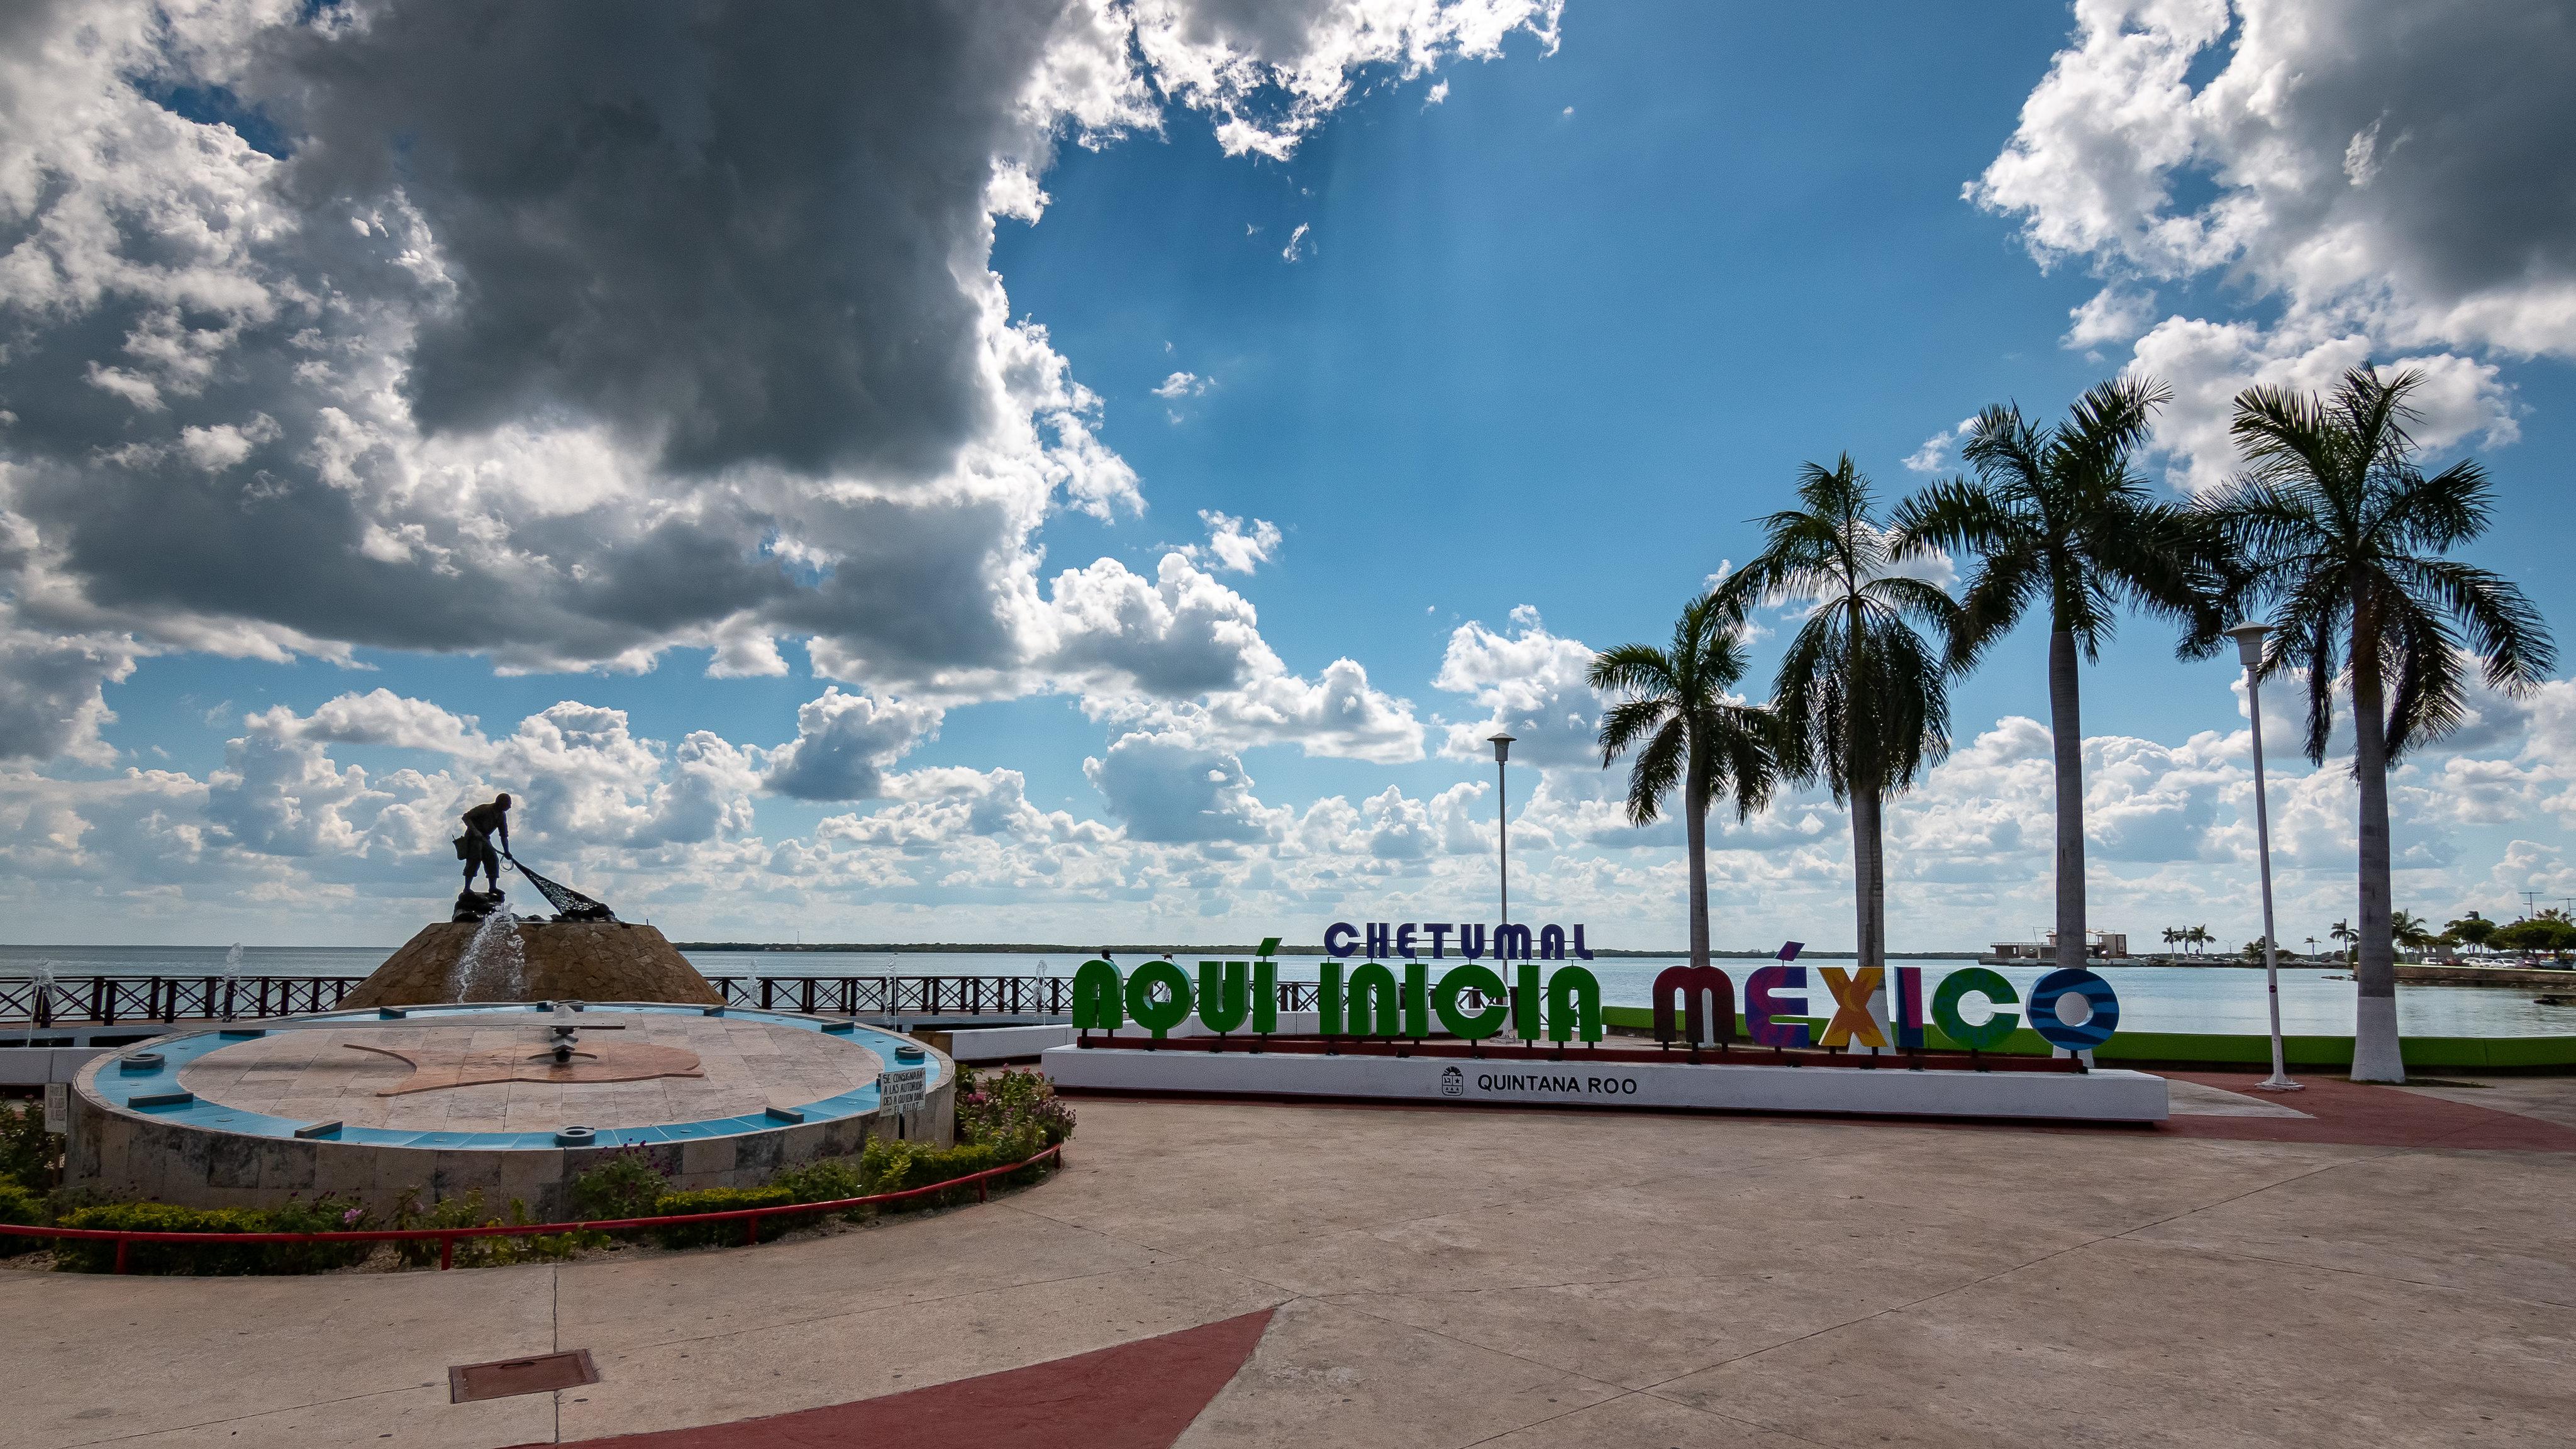 Chetumal - Quintana Roo - [Mexique]